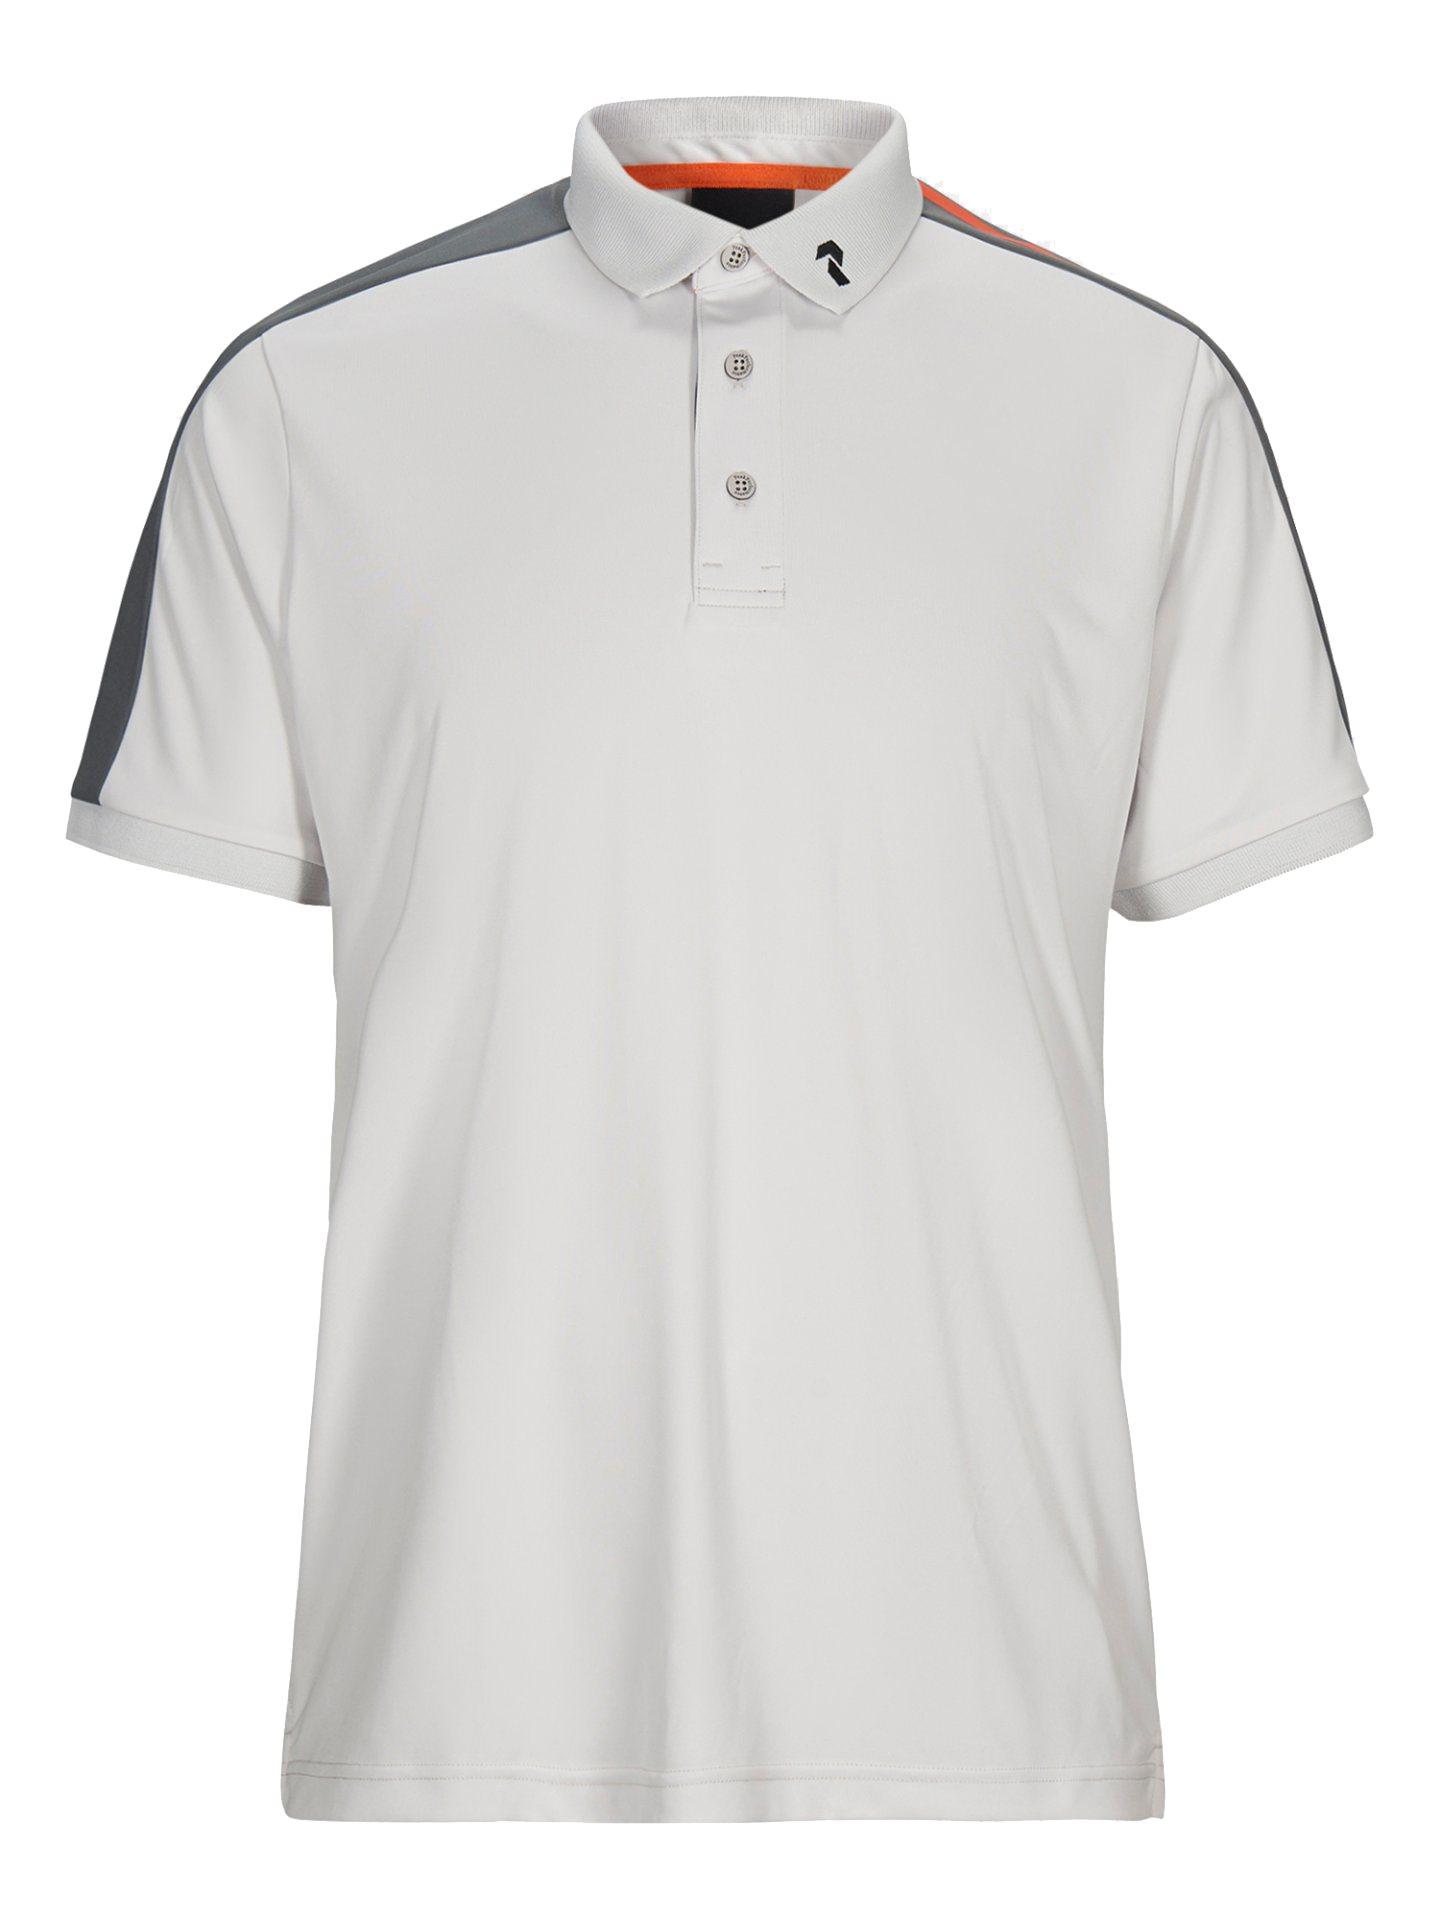 Peak Performance heren golfpolo Player gebroken wit-grijs